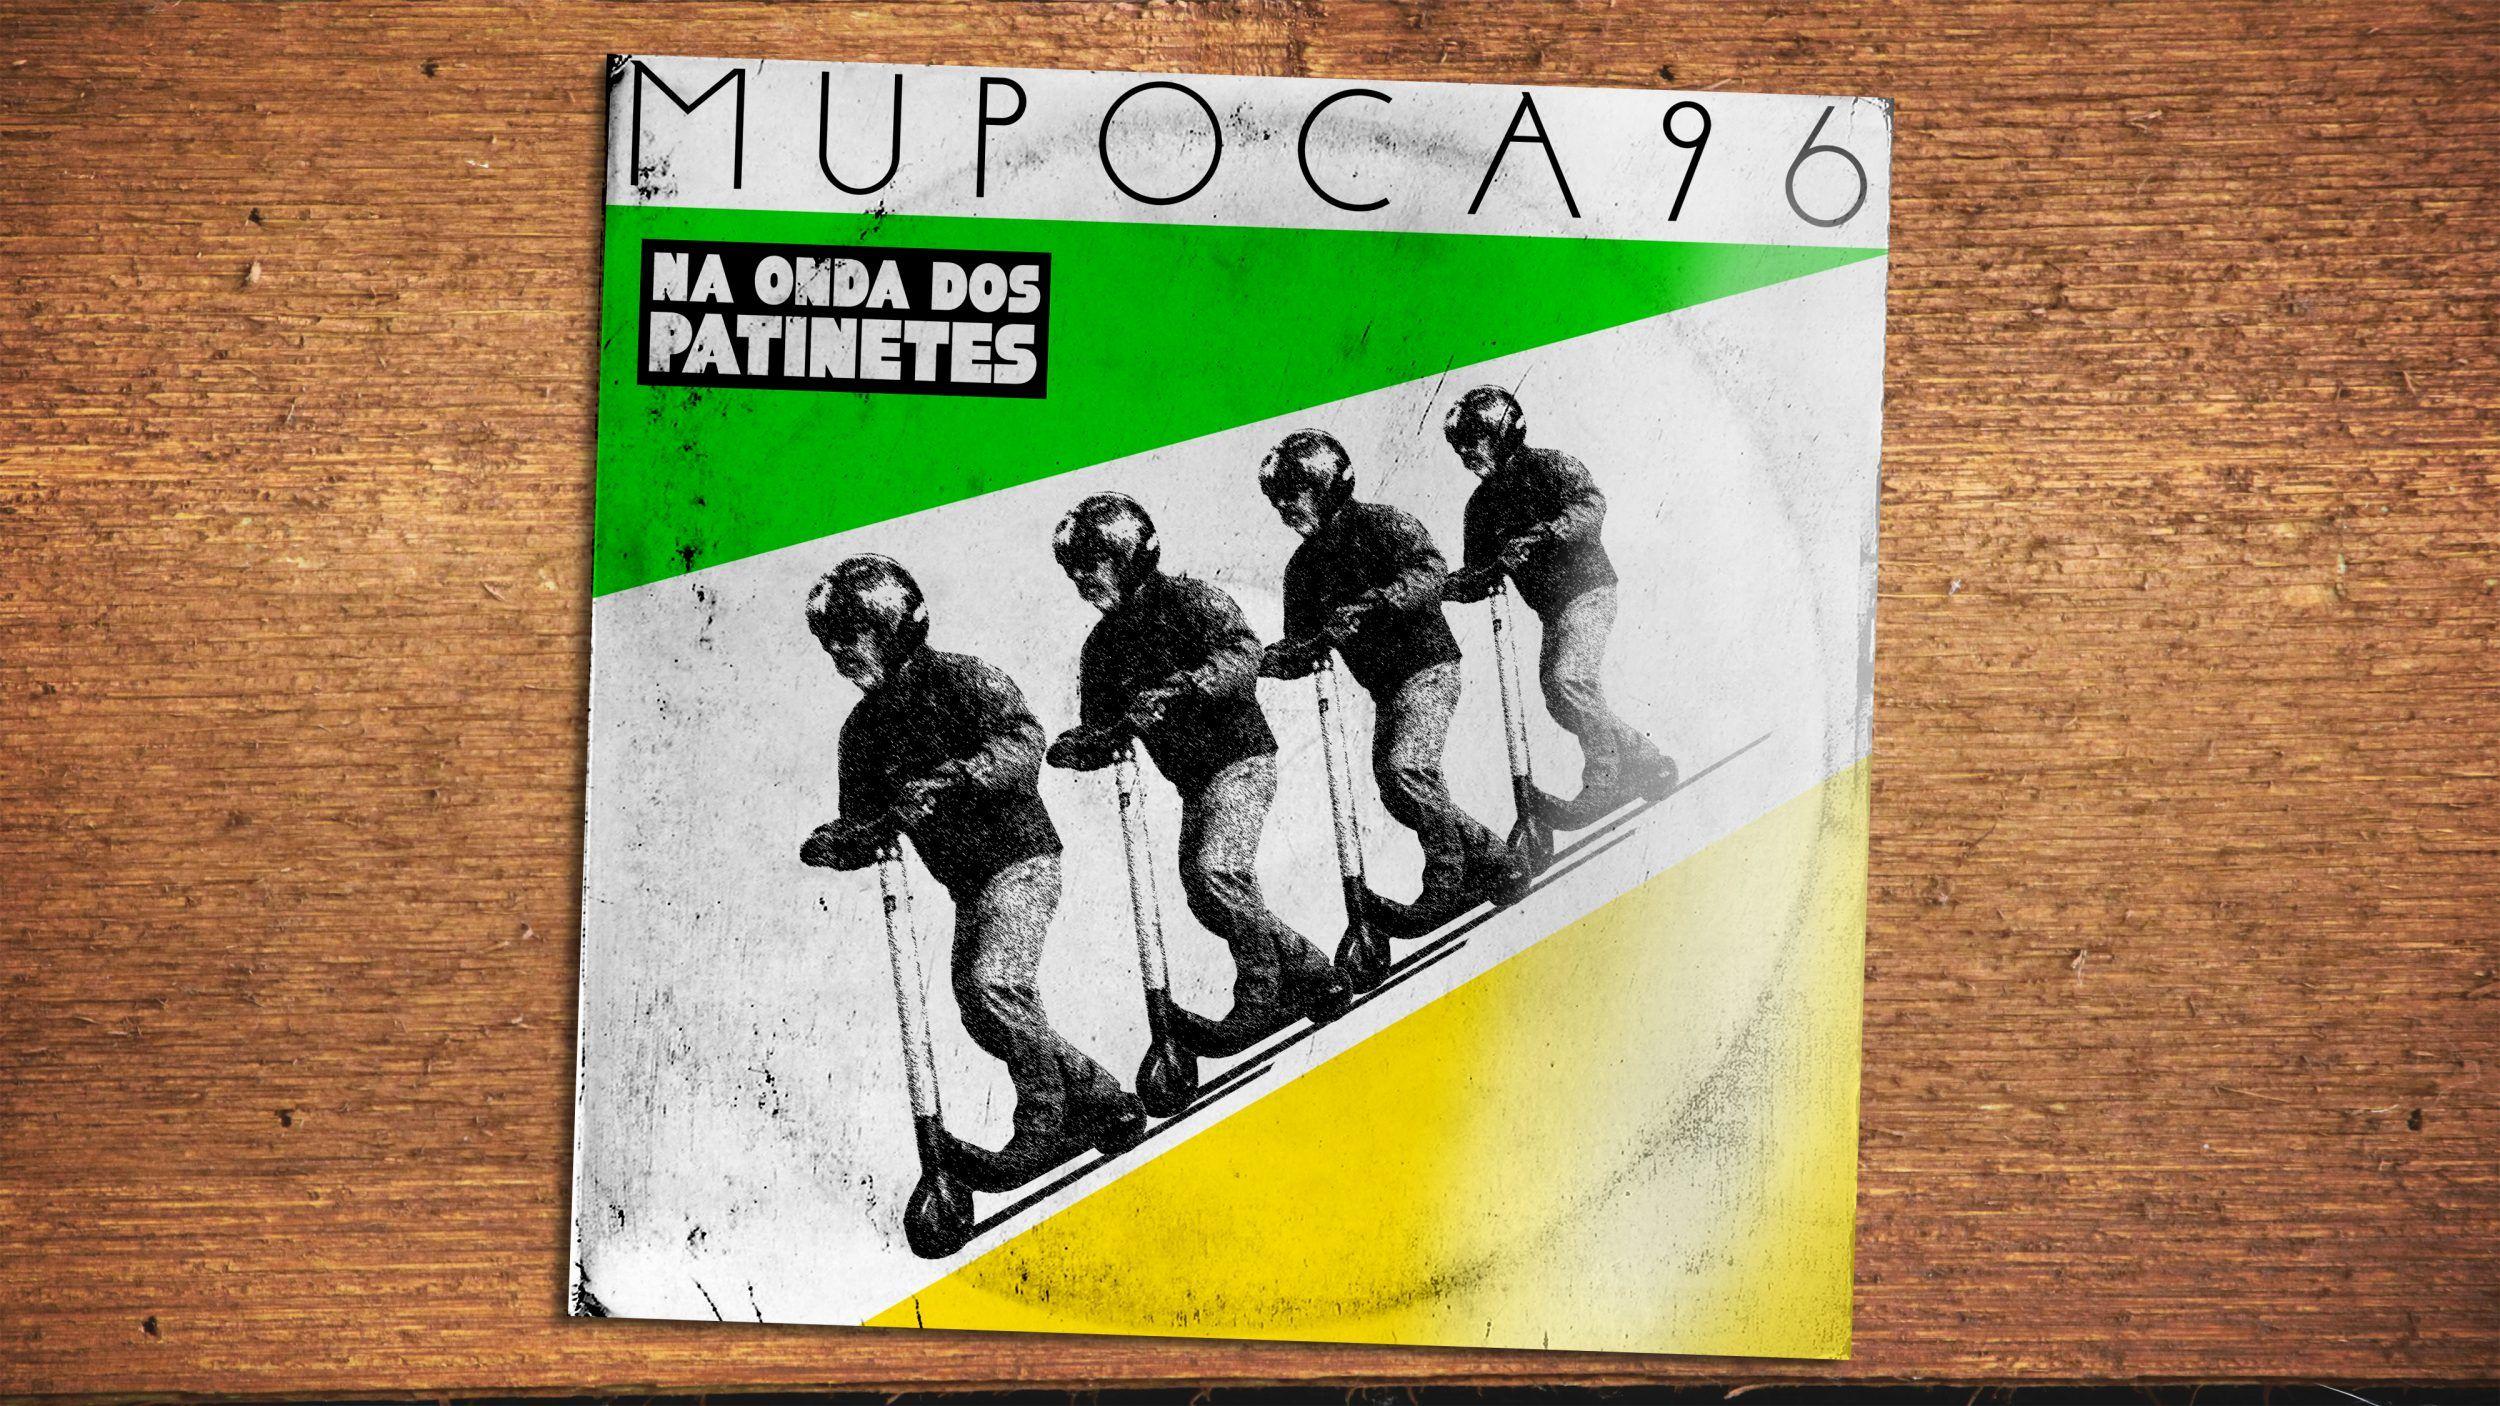 Capa do Mupoca 96 - Na onda dos patinetes